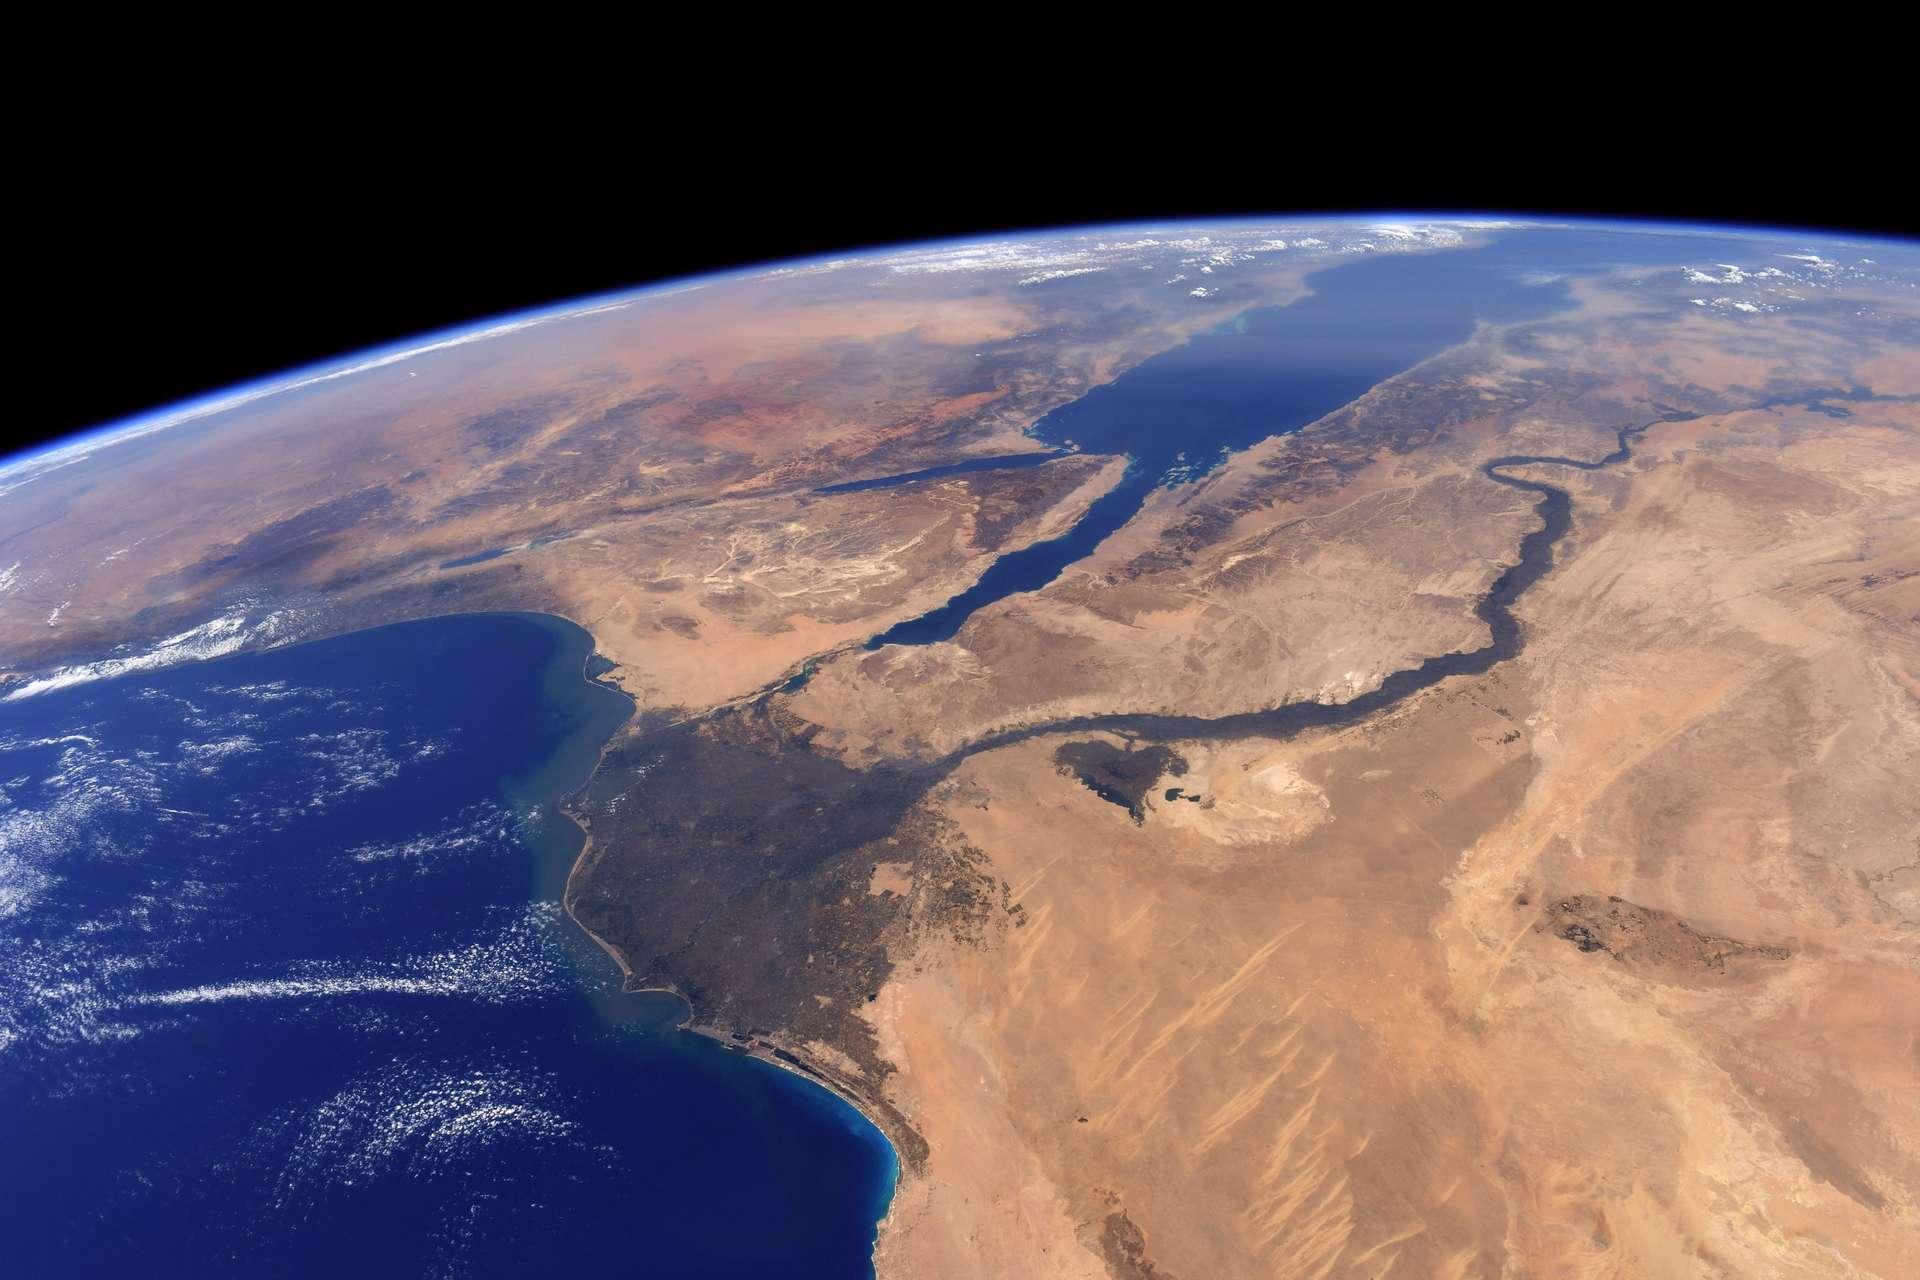 Cliché de l'Oasis du Fayoum et ses alentours, réalisé par Thomas Pesquet, pendant la mission Proxima © ESA/NASA–T. Pesquet